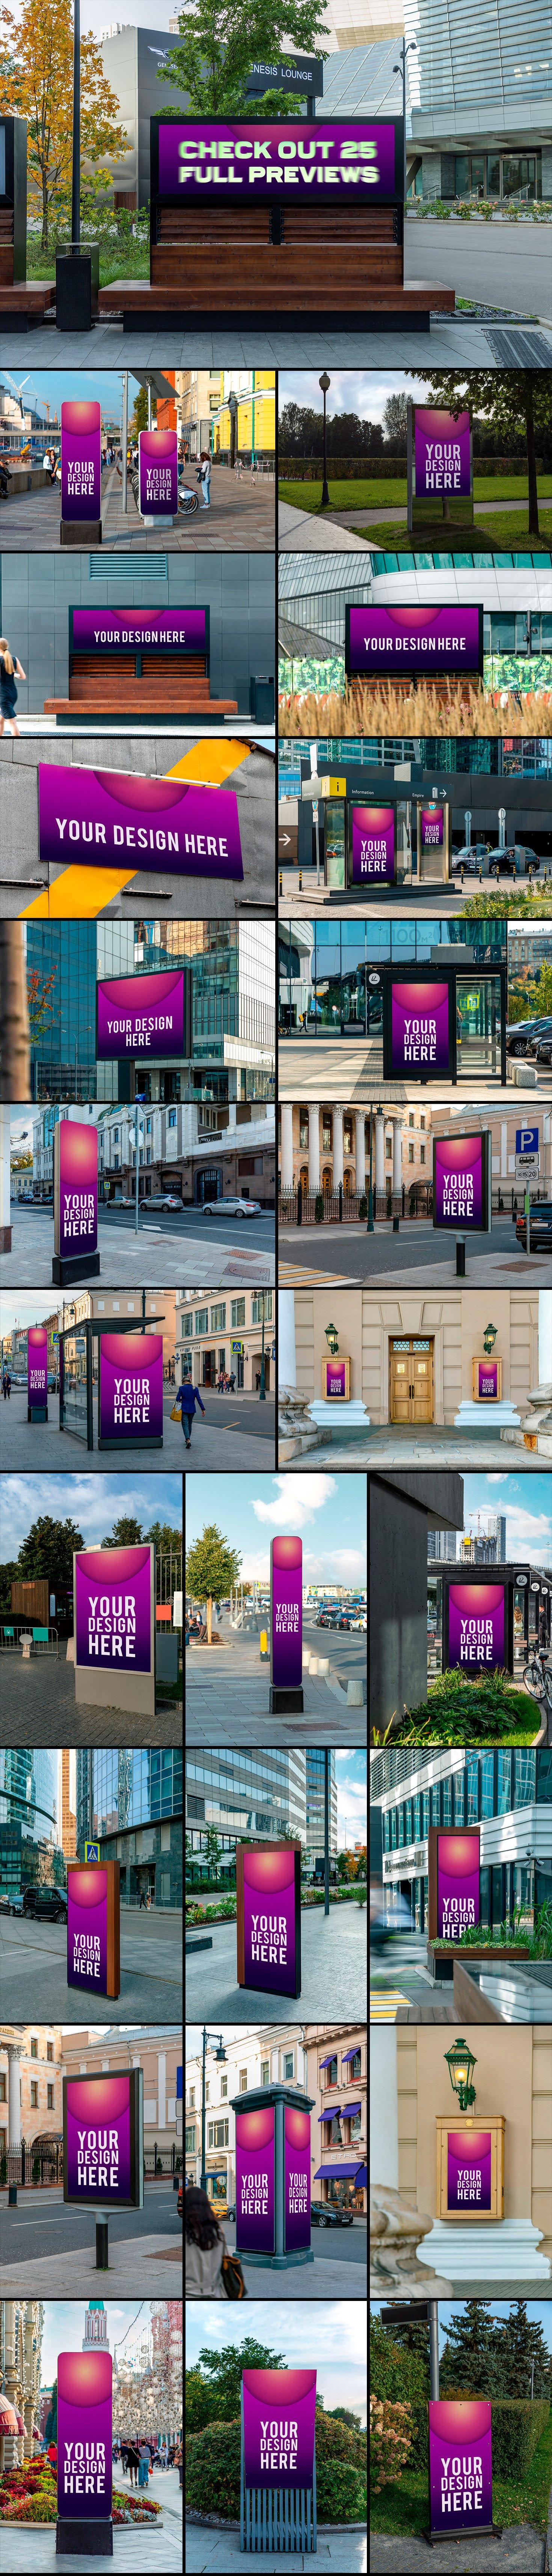 25款城市街头灯箱海报广告牌设计展示贴图样机模板 25 Street Billboards Mockups插图3